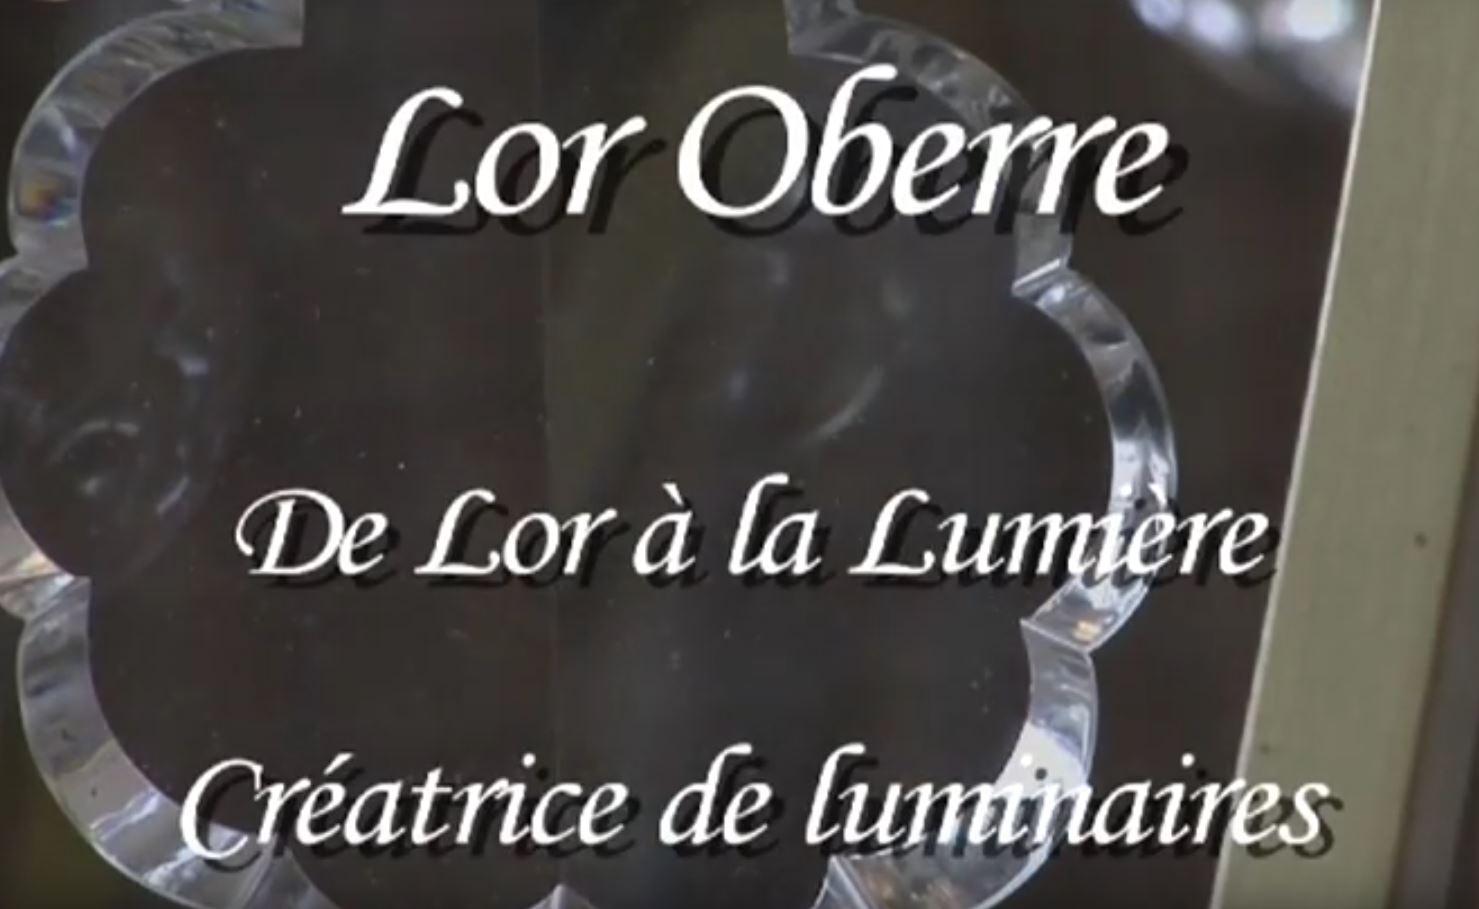 Lor Oberre prix du Jeune Talent du Jura Francais 2006